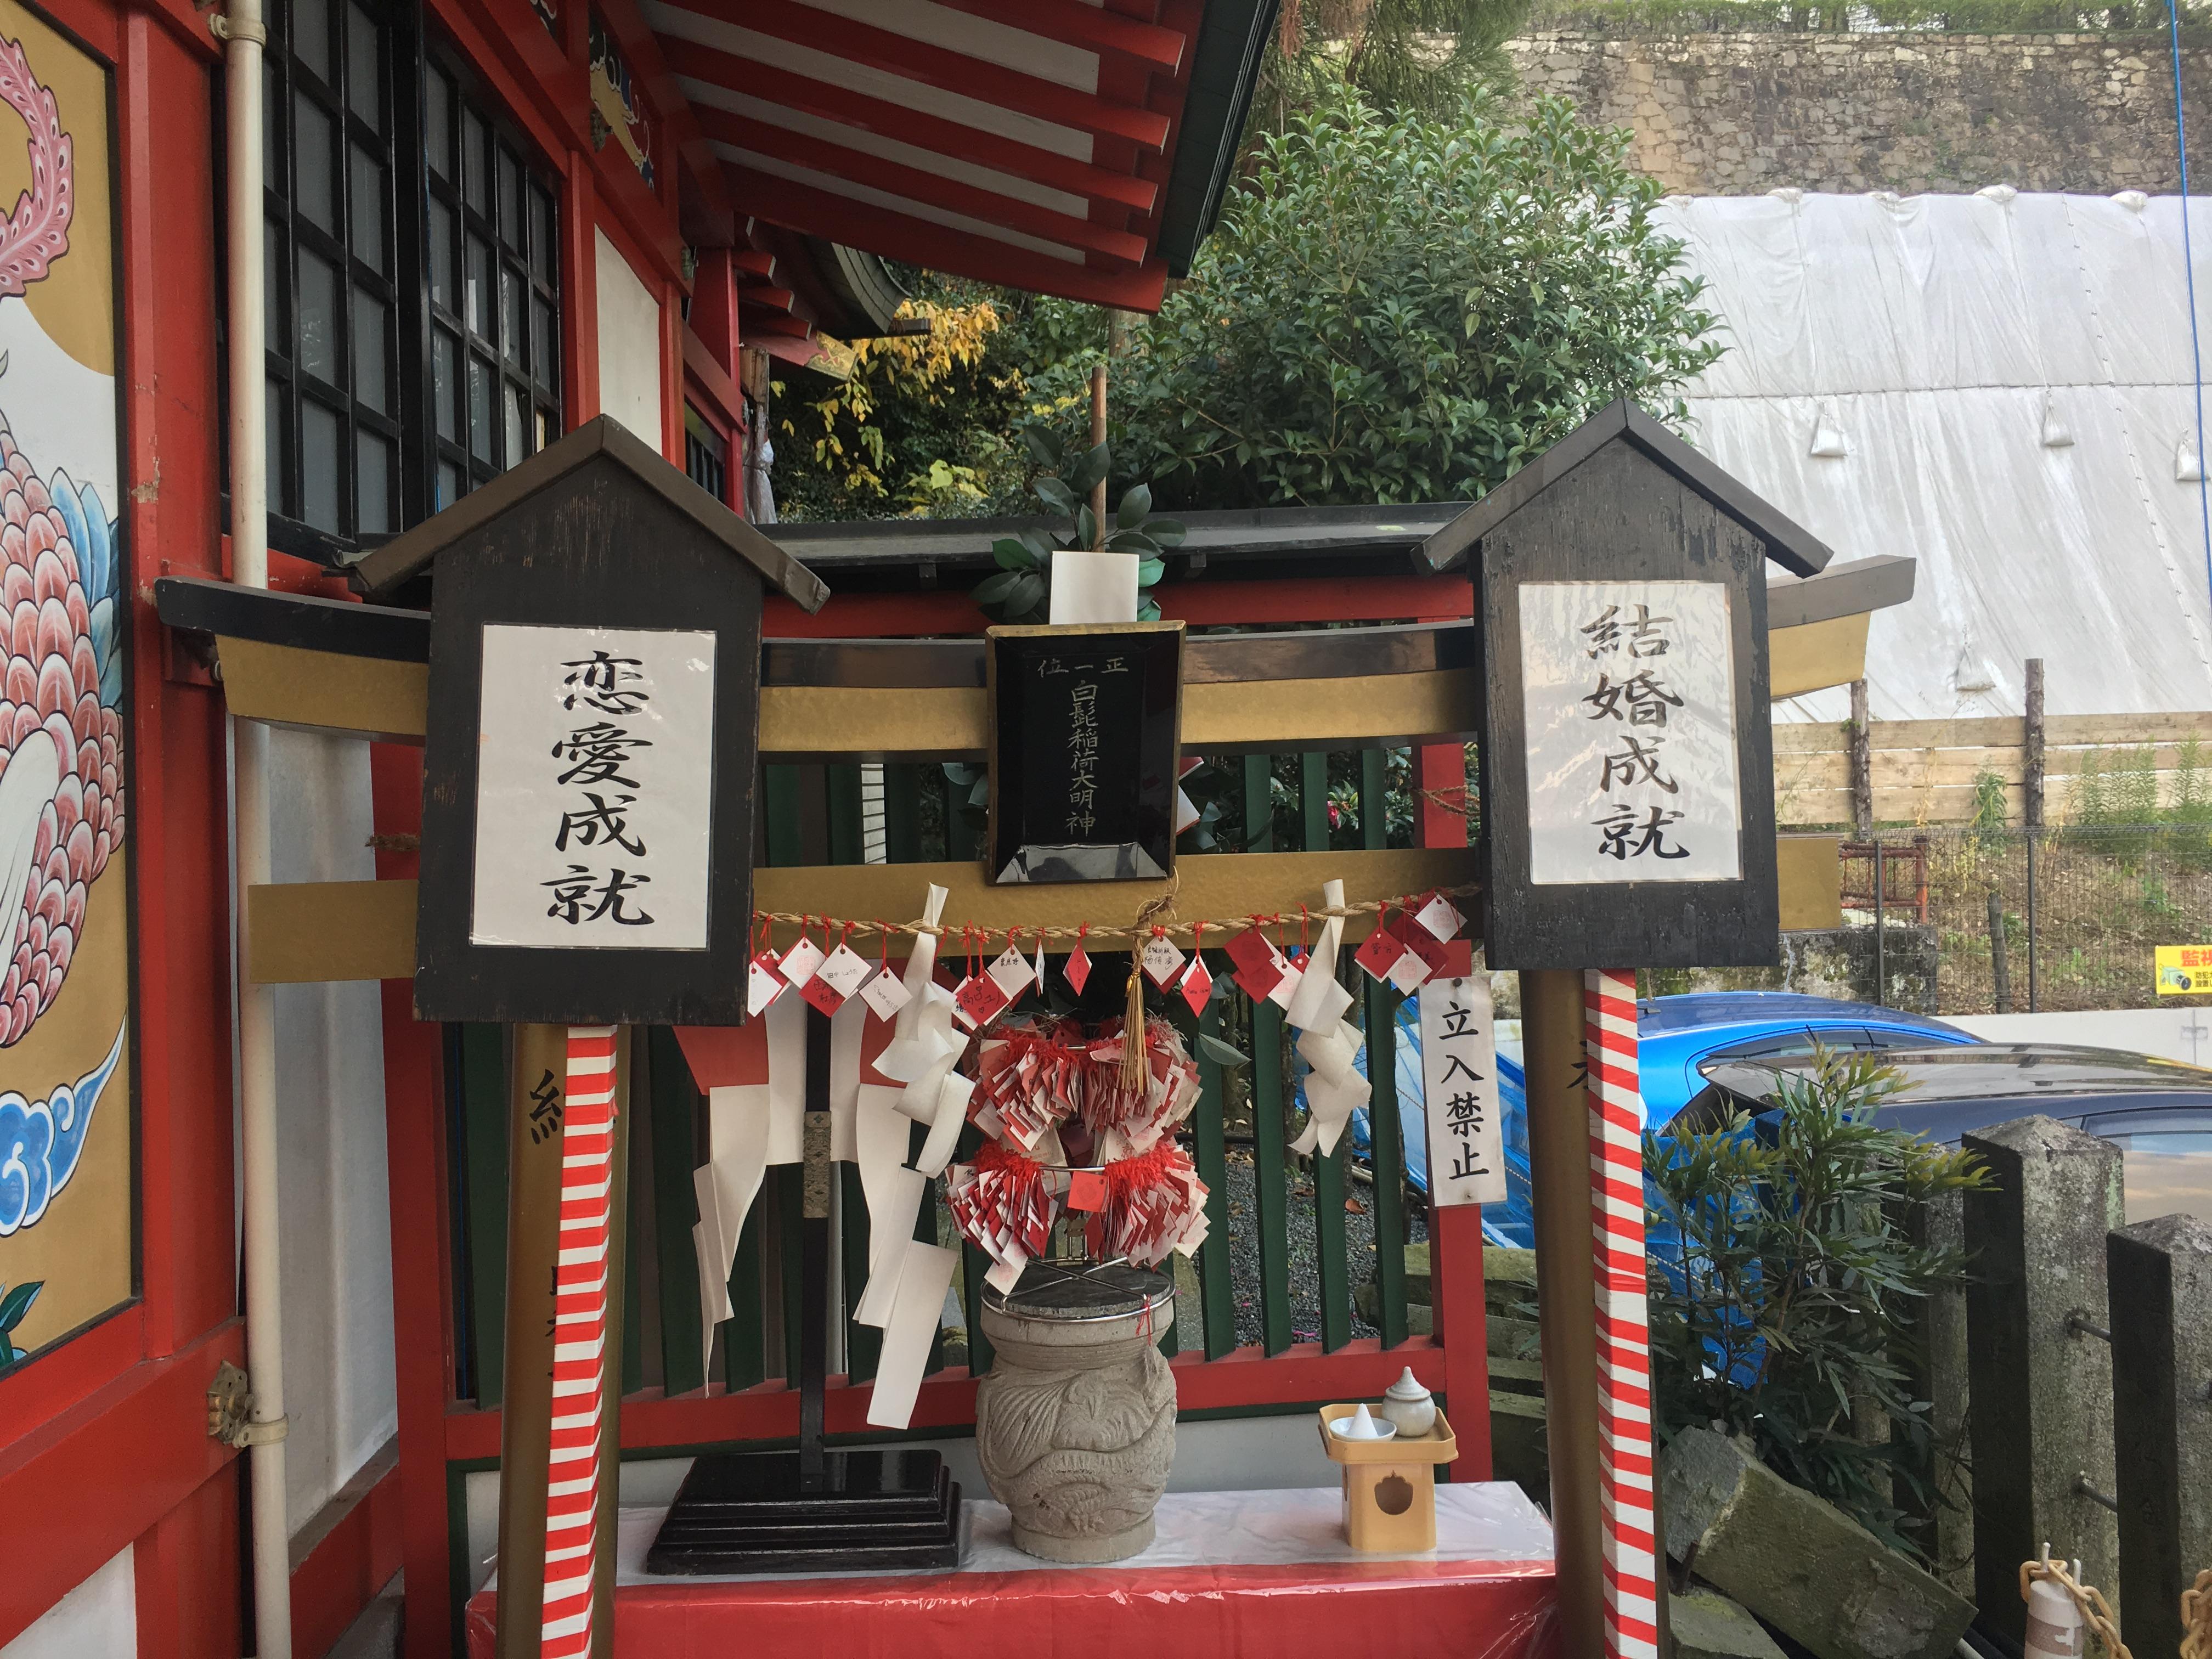 熊本城稲荷神社で恋愛と復縁の願い成就